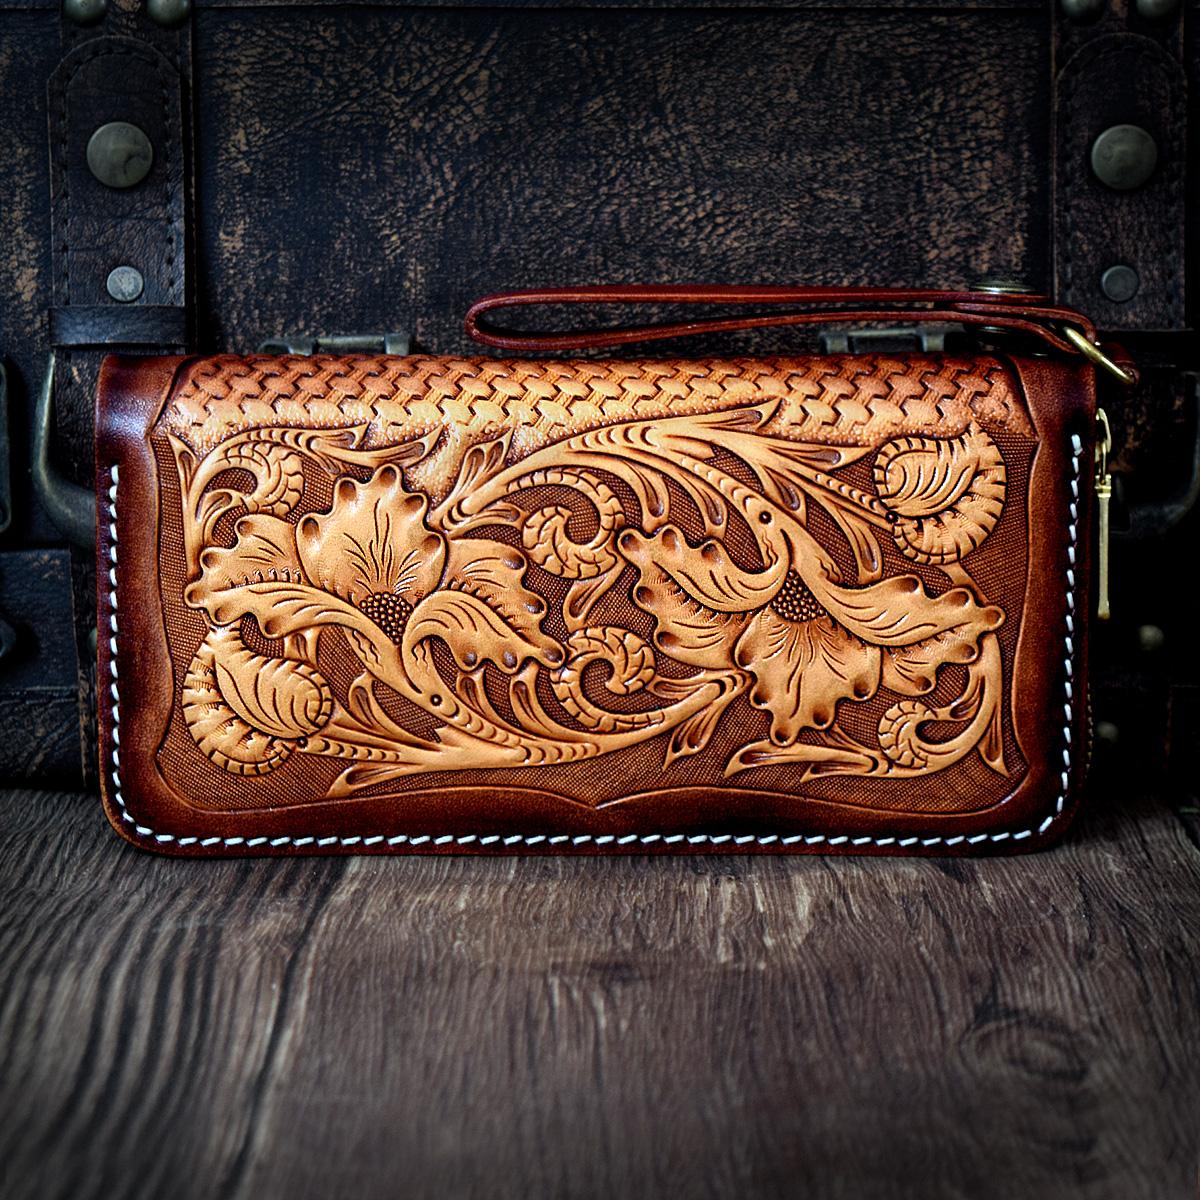 Bolso en cuero vegetal tallado pintado y fabricado a mano